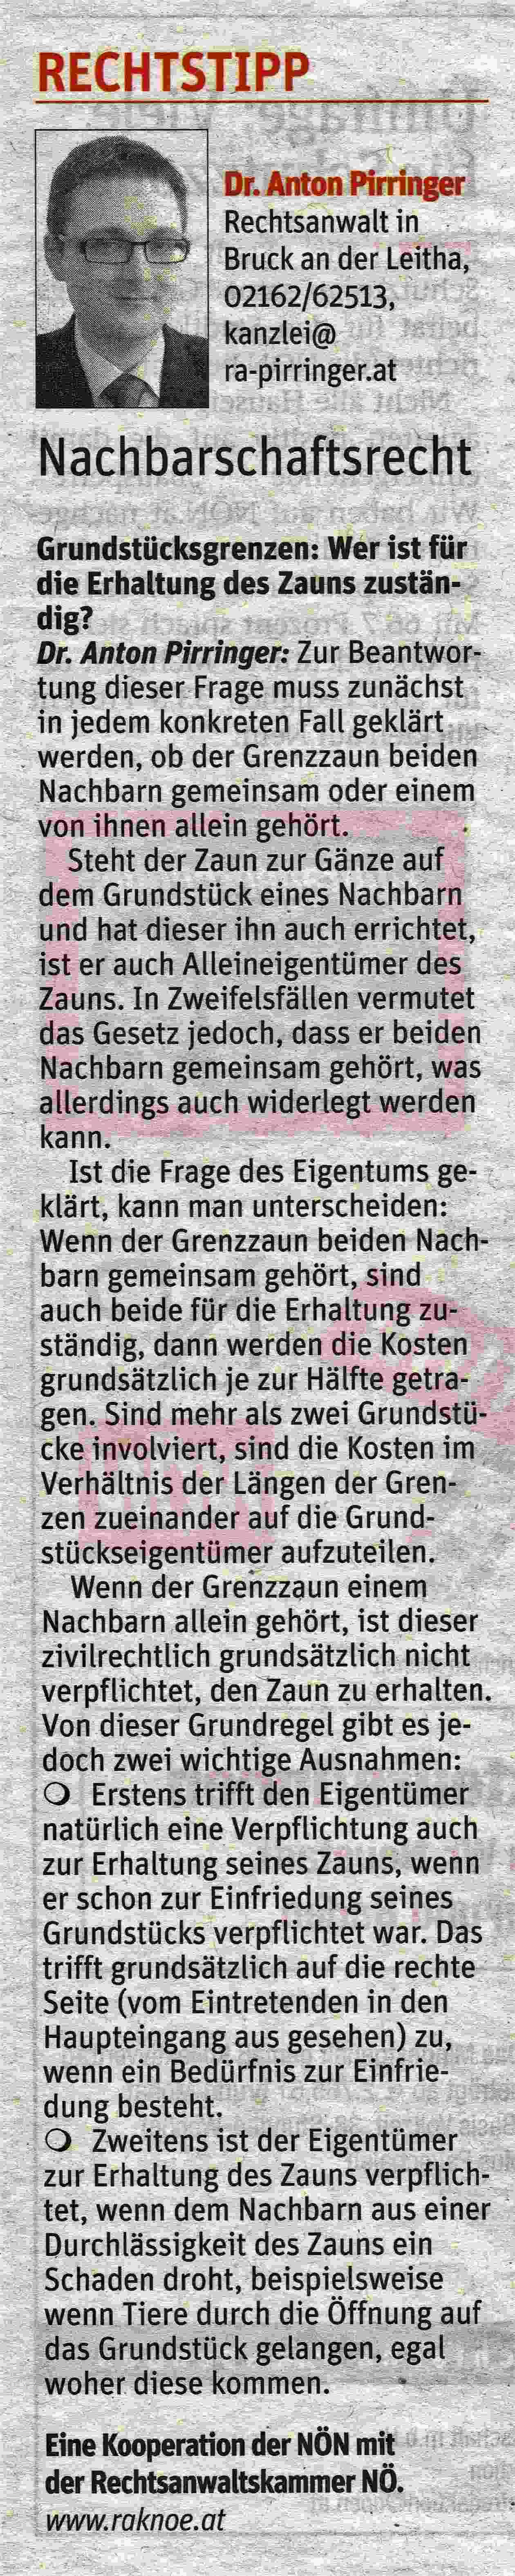 Kolumne Niederösterreichische Nachrichten Nr. 14 am 5.April 2017 Dr. Anton Pirringer